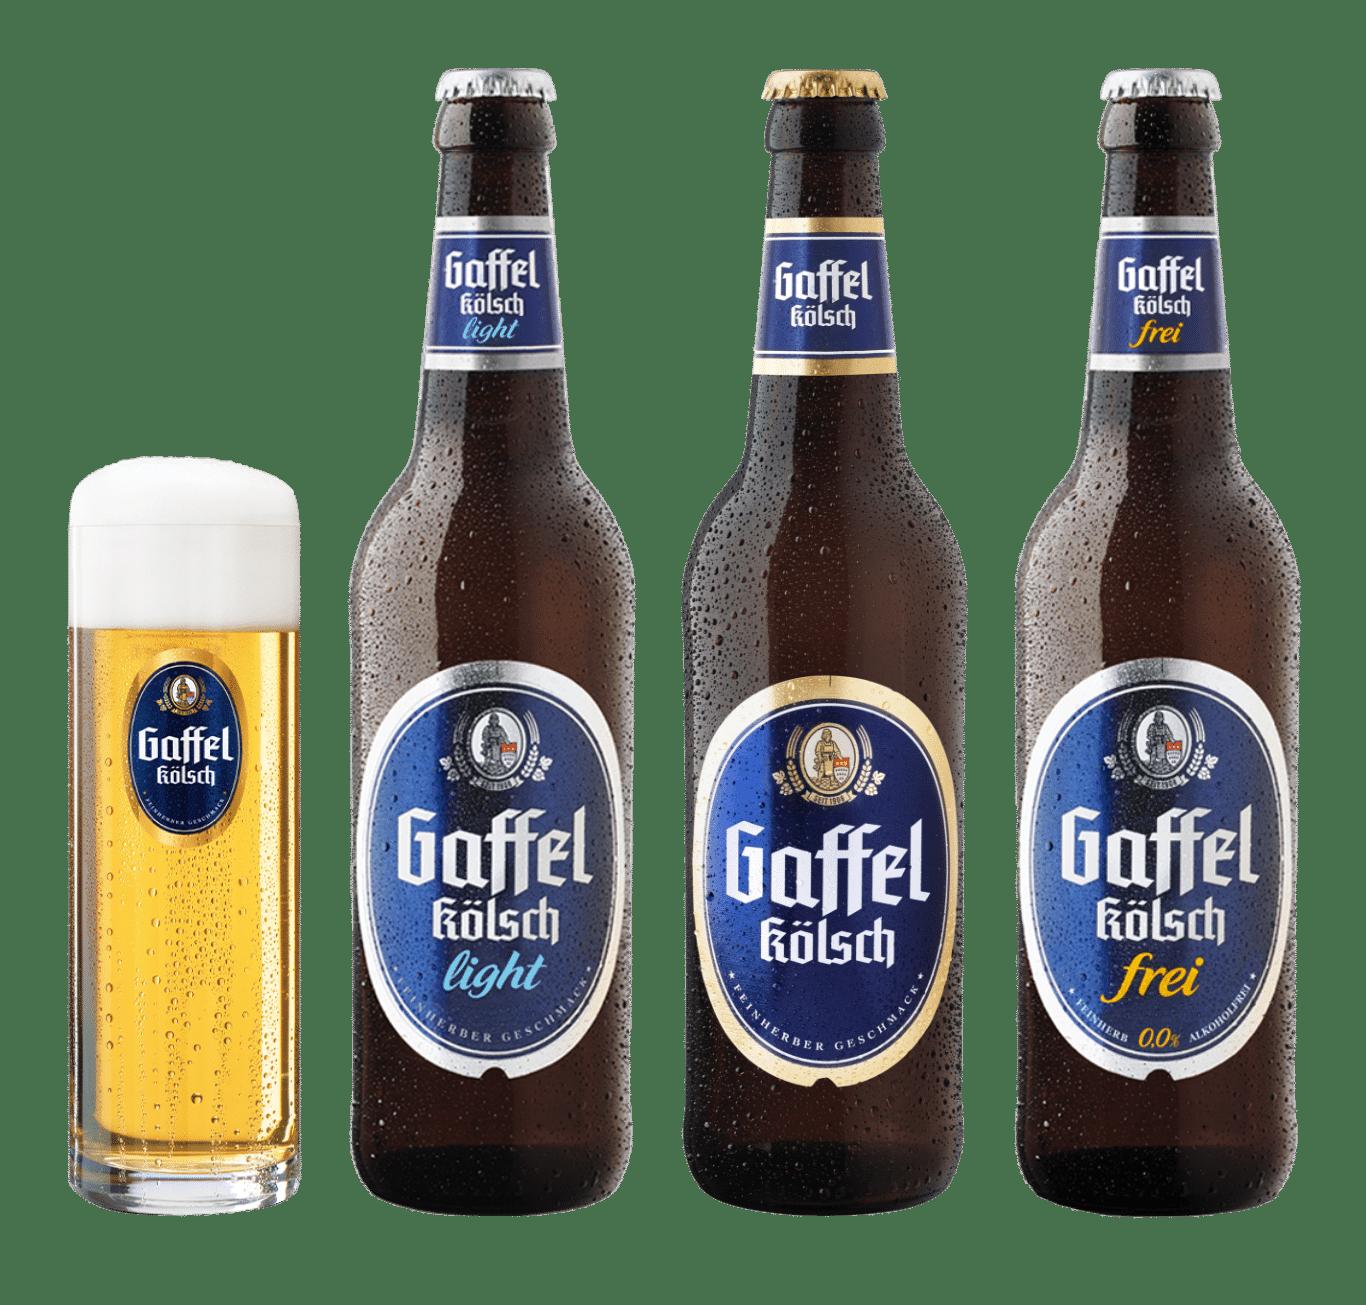 Gaffel Kösch – Besonders. Kölsch